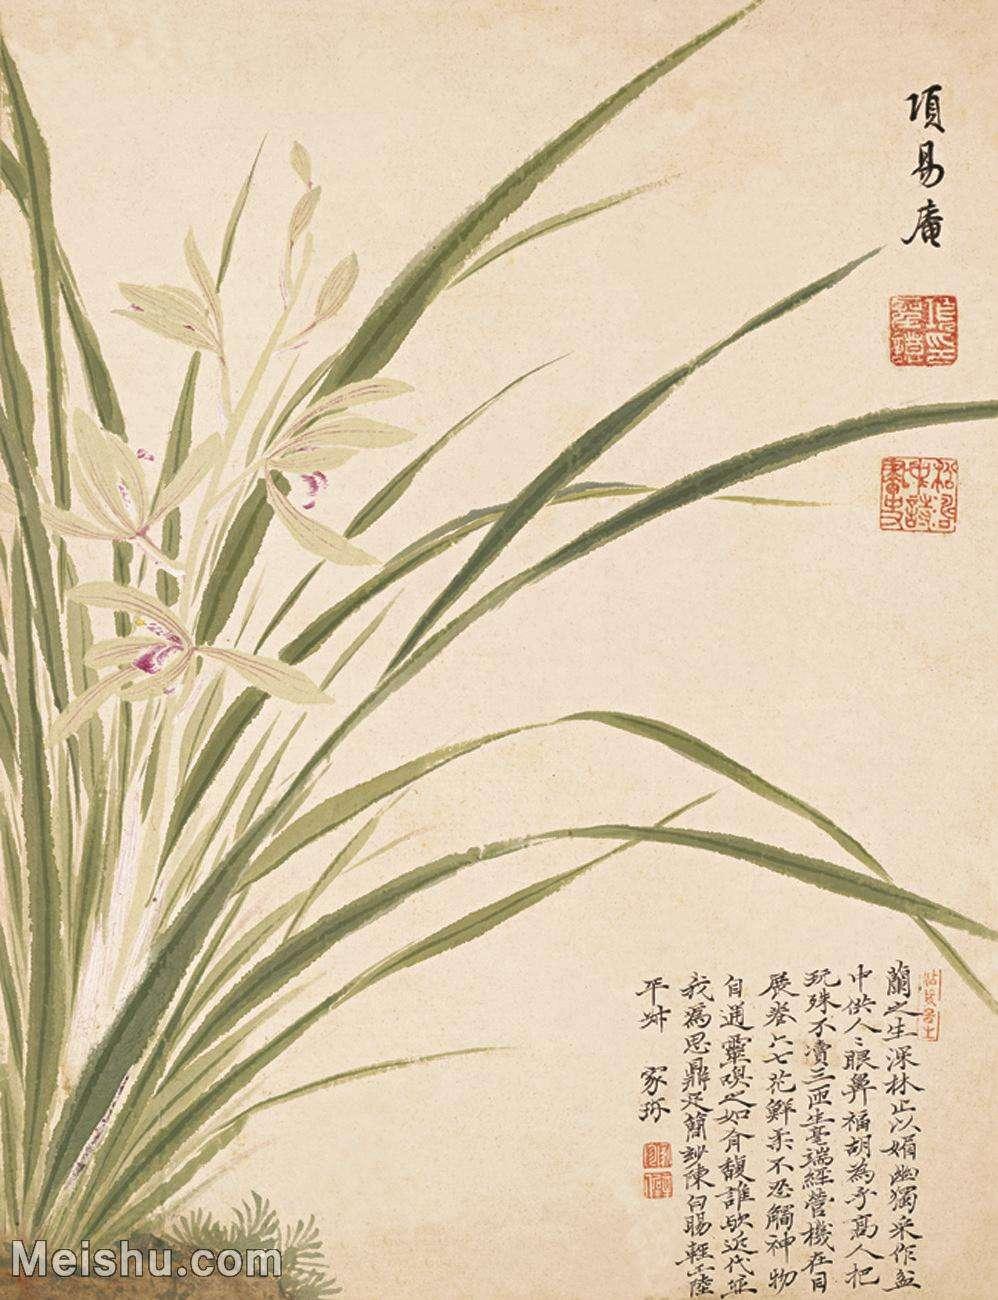 【印刷级】GH6061787古画项圣谟花卉十开(7)-花卉-兰花册页图片-43M-3279X4272_13227168.